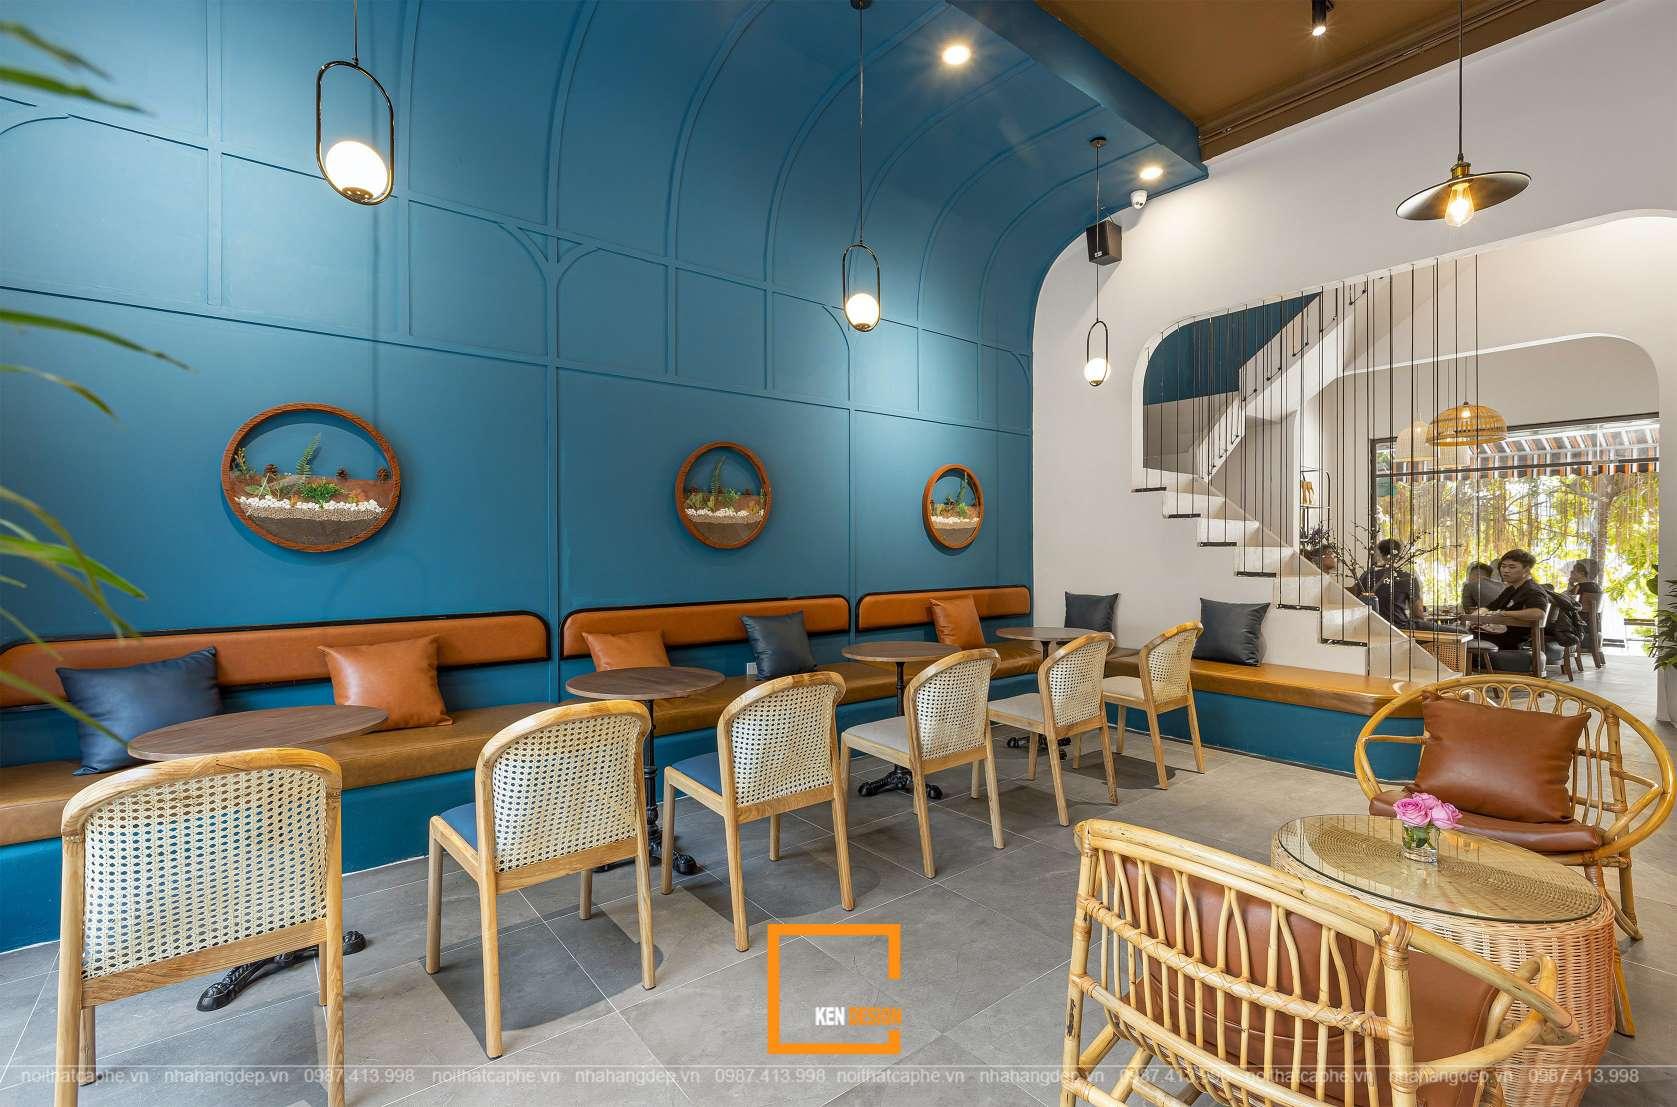 Thiết kế không gian quán cà phê The Nammin House